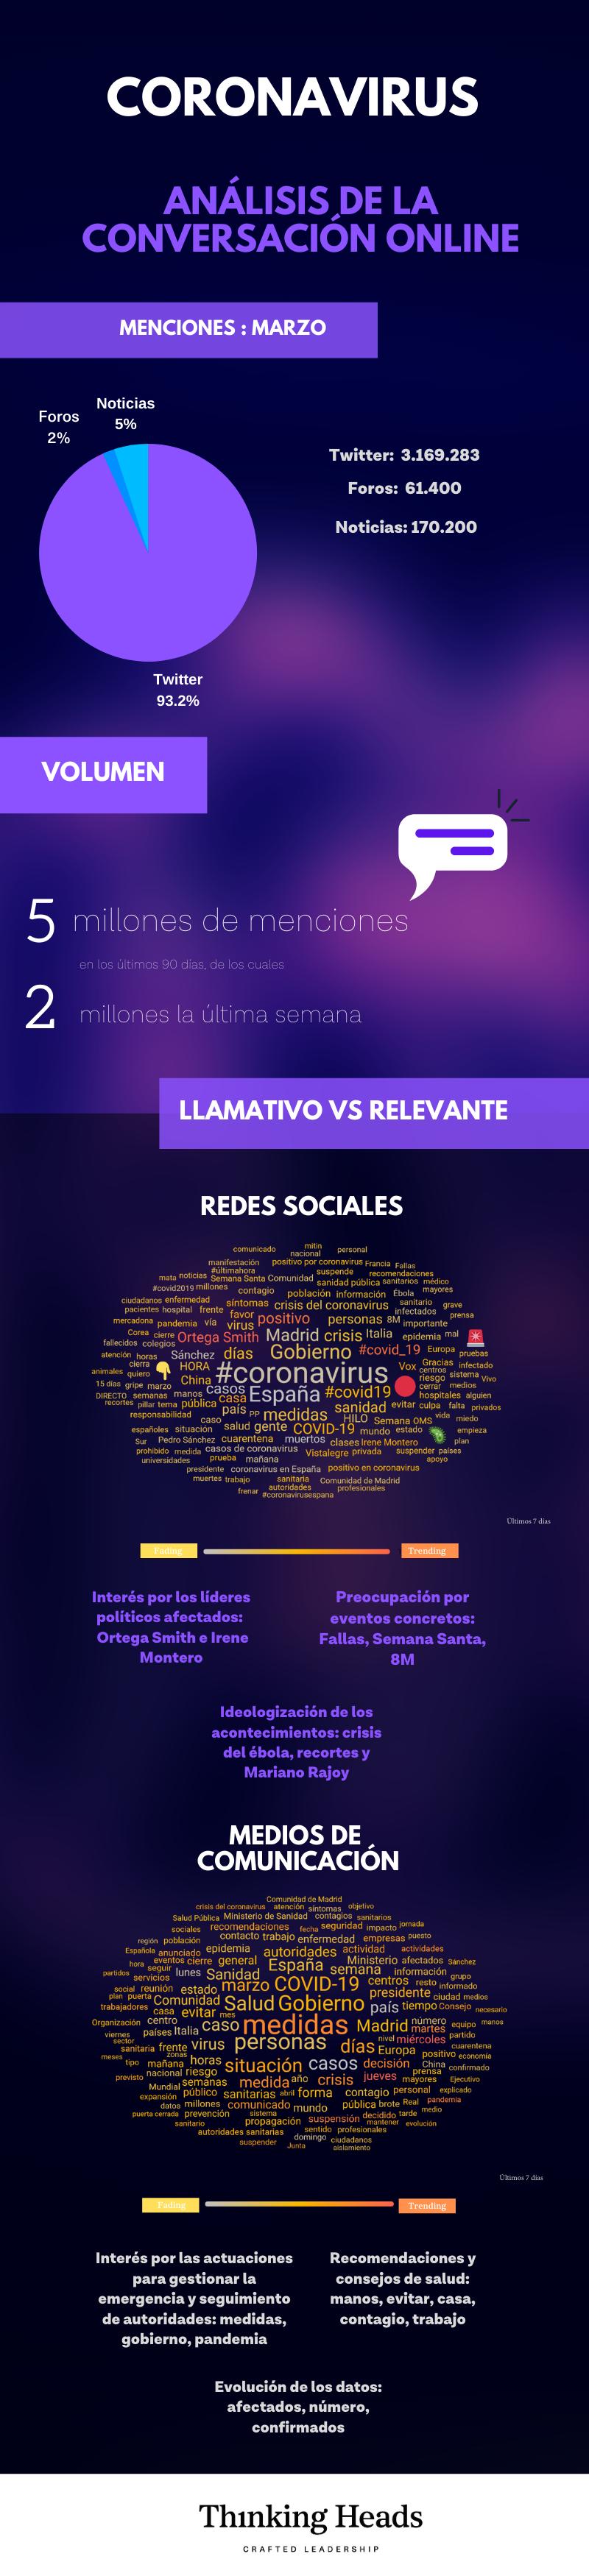 Coronavirus: análisis de la conversación digital